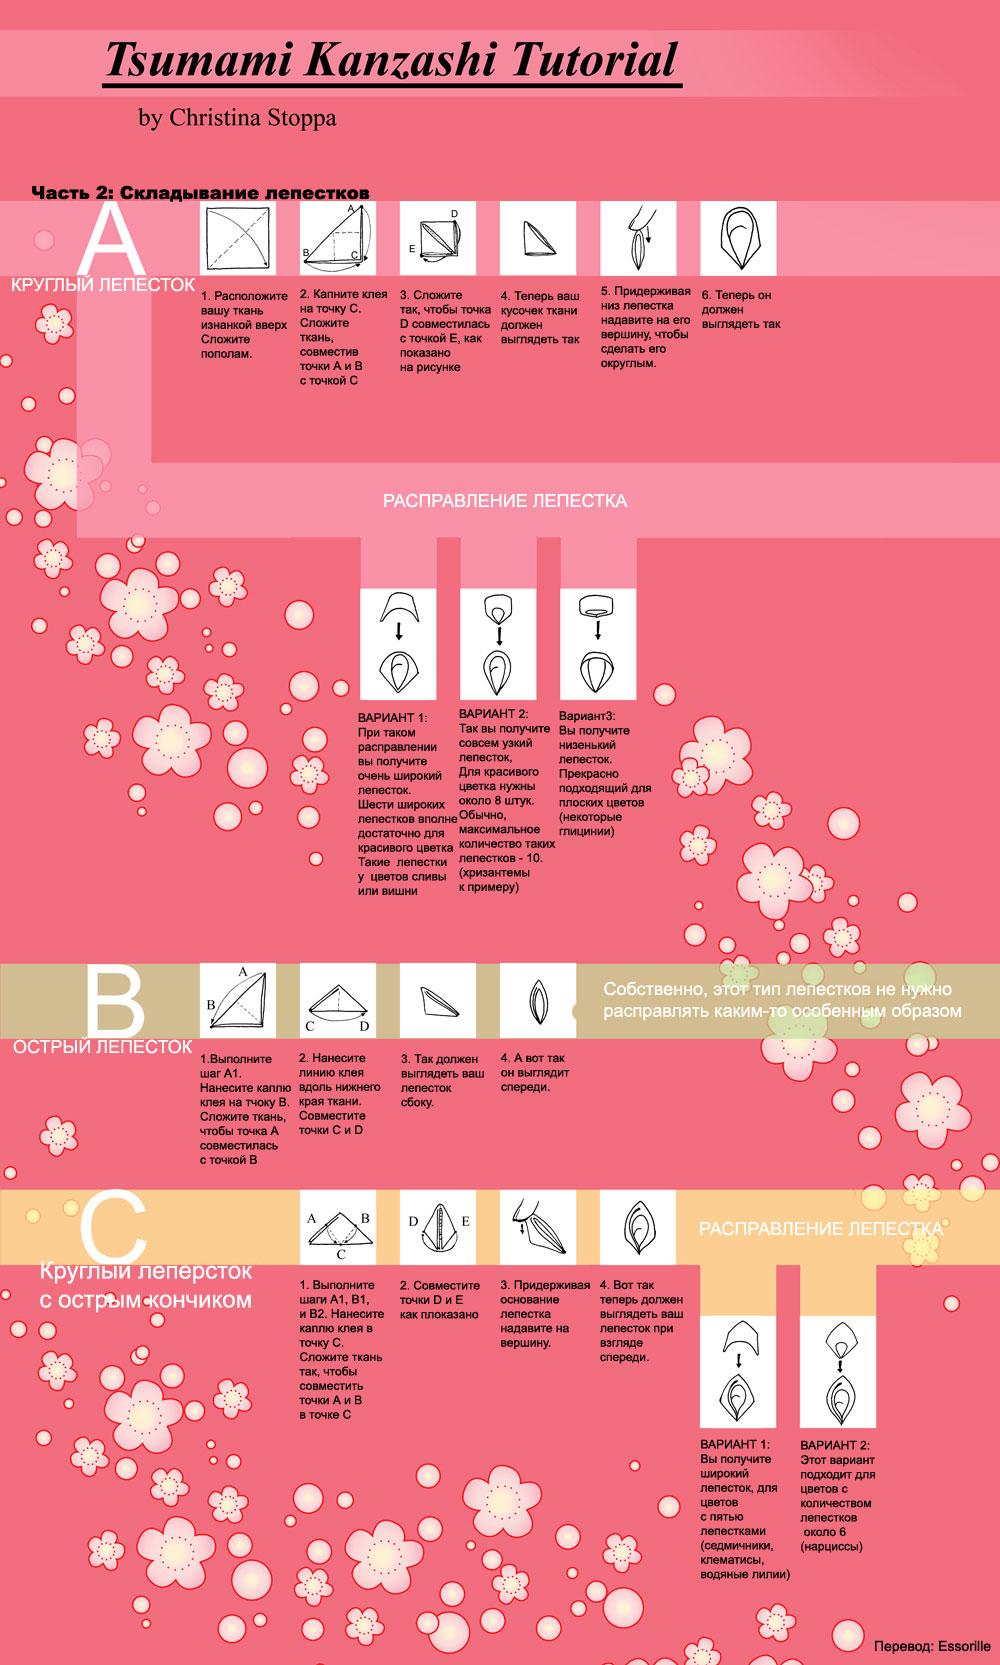 Украшения канзаши.  Цветы из ткани и лент.  Tsumami kanzashi.  Балашиха.